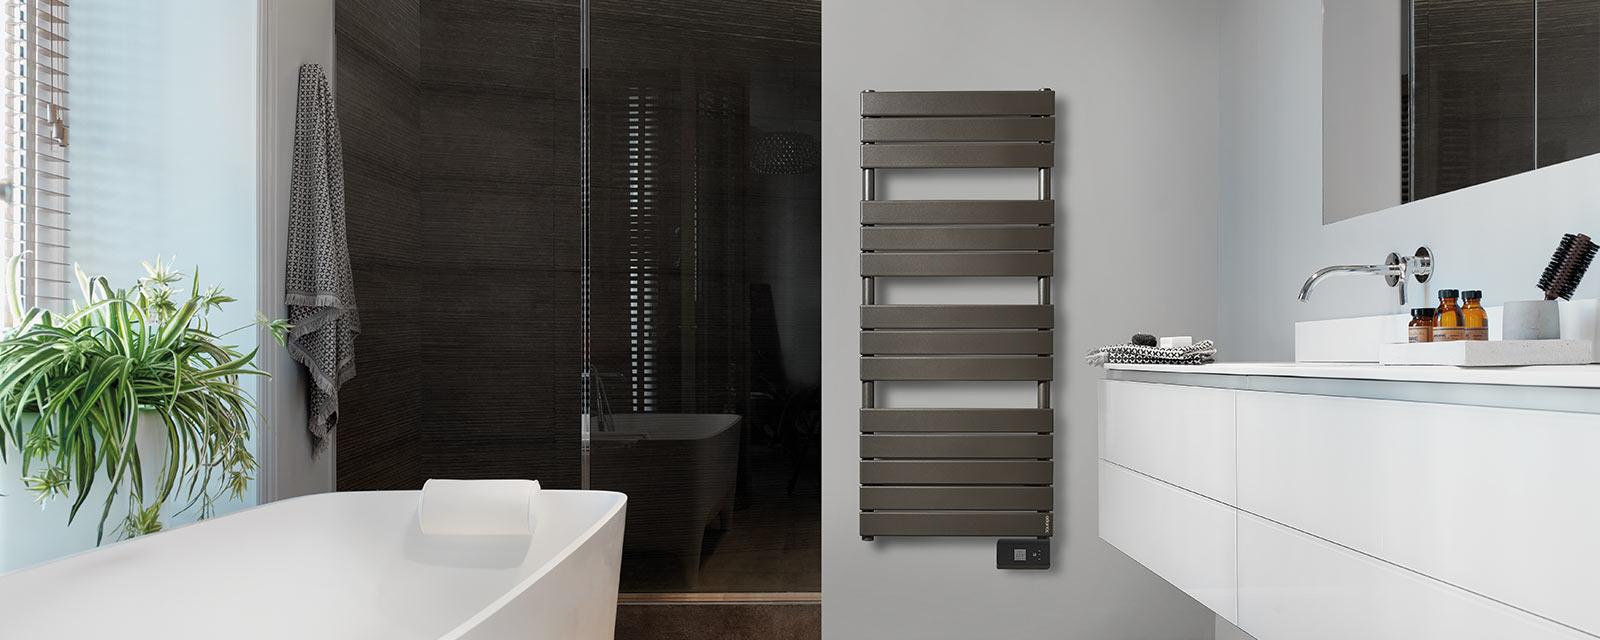 Installer un radiateur sèche-serviette  Guide Artisan